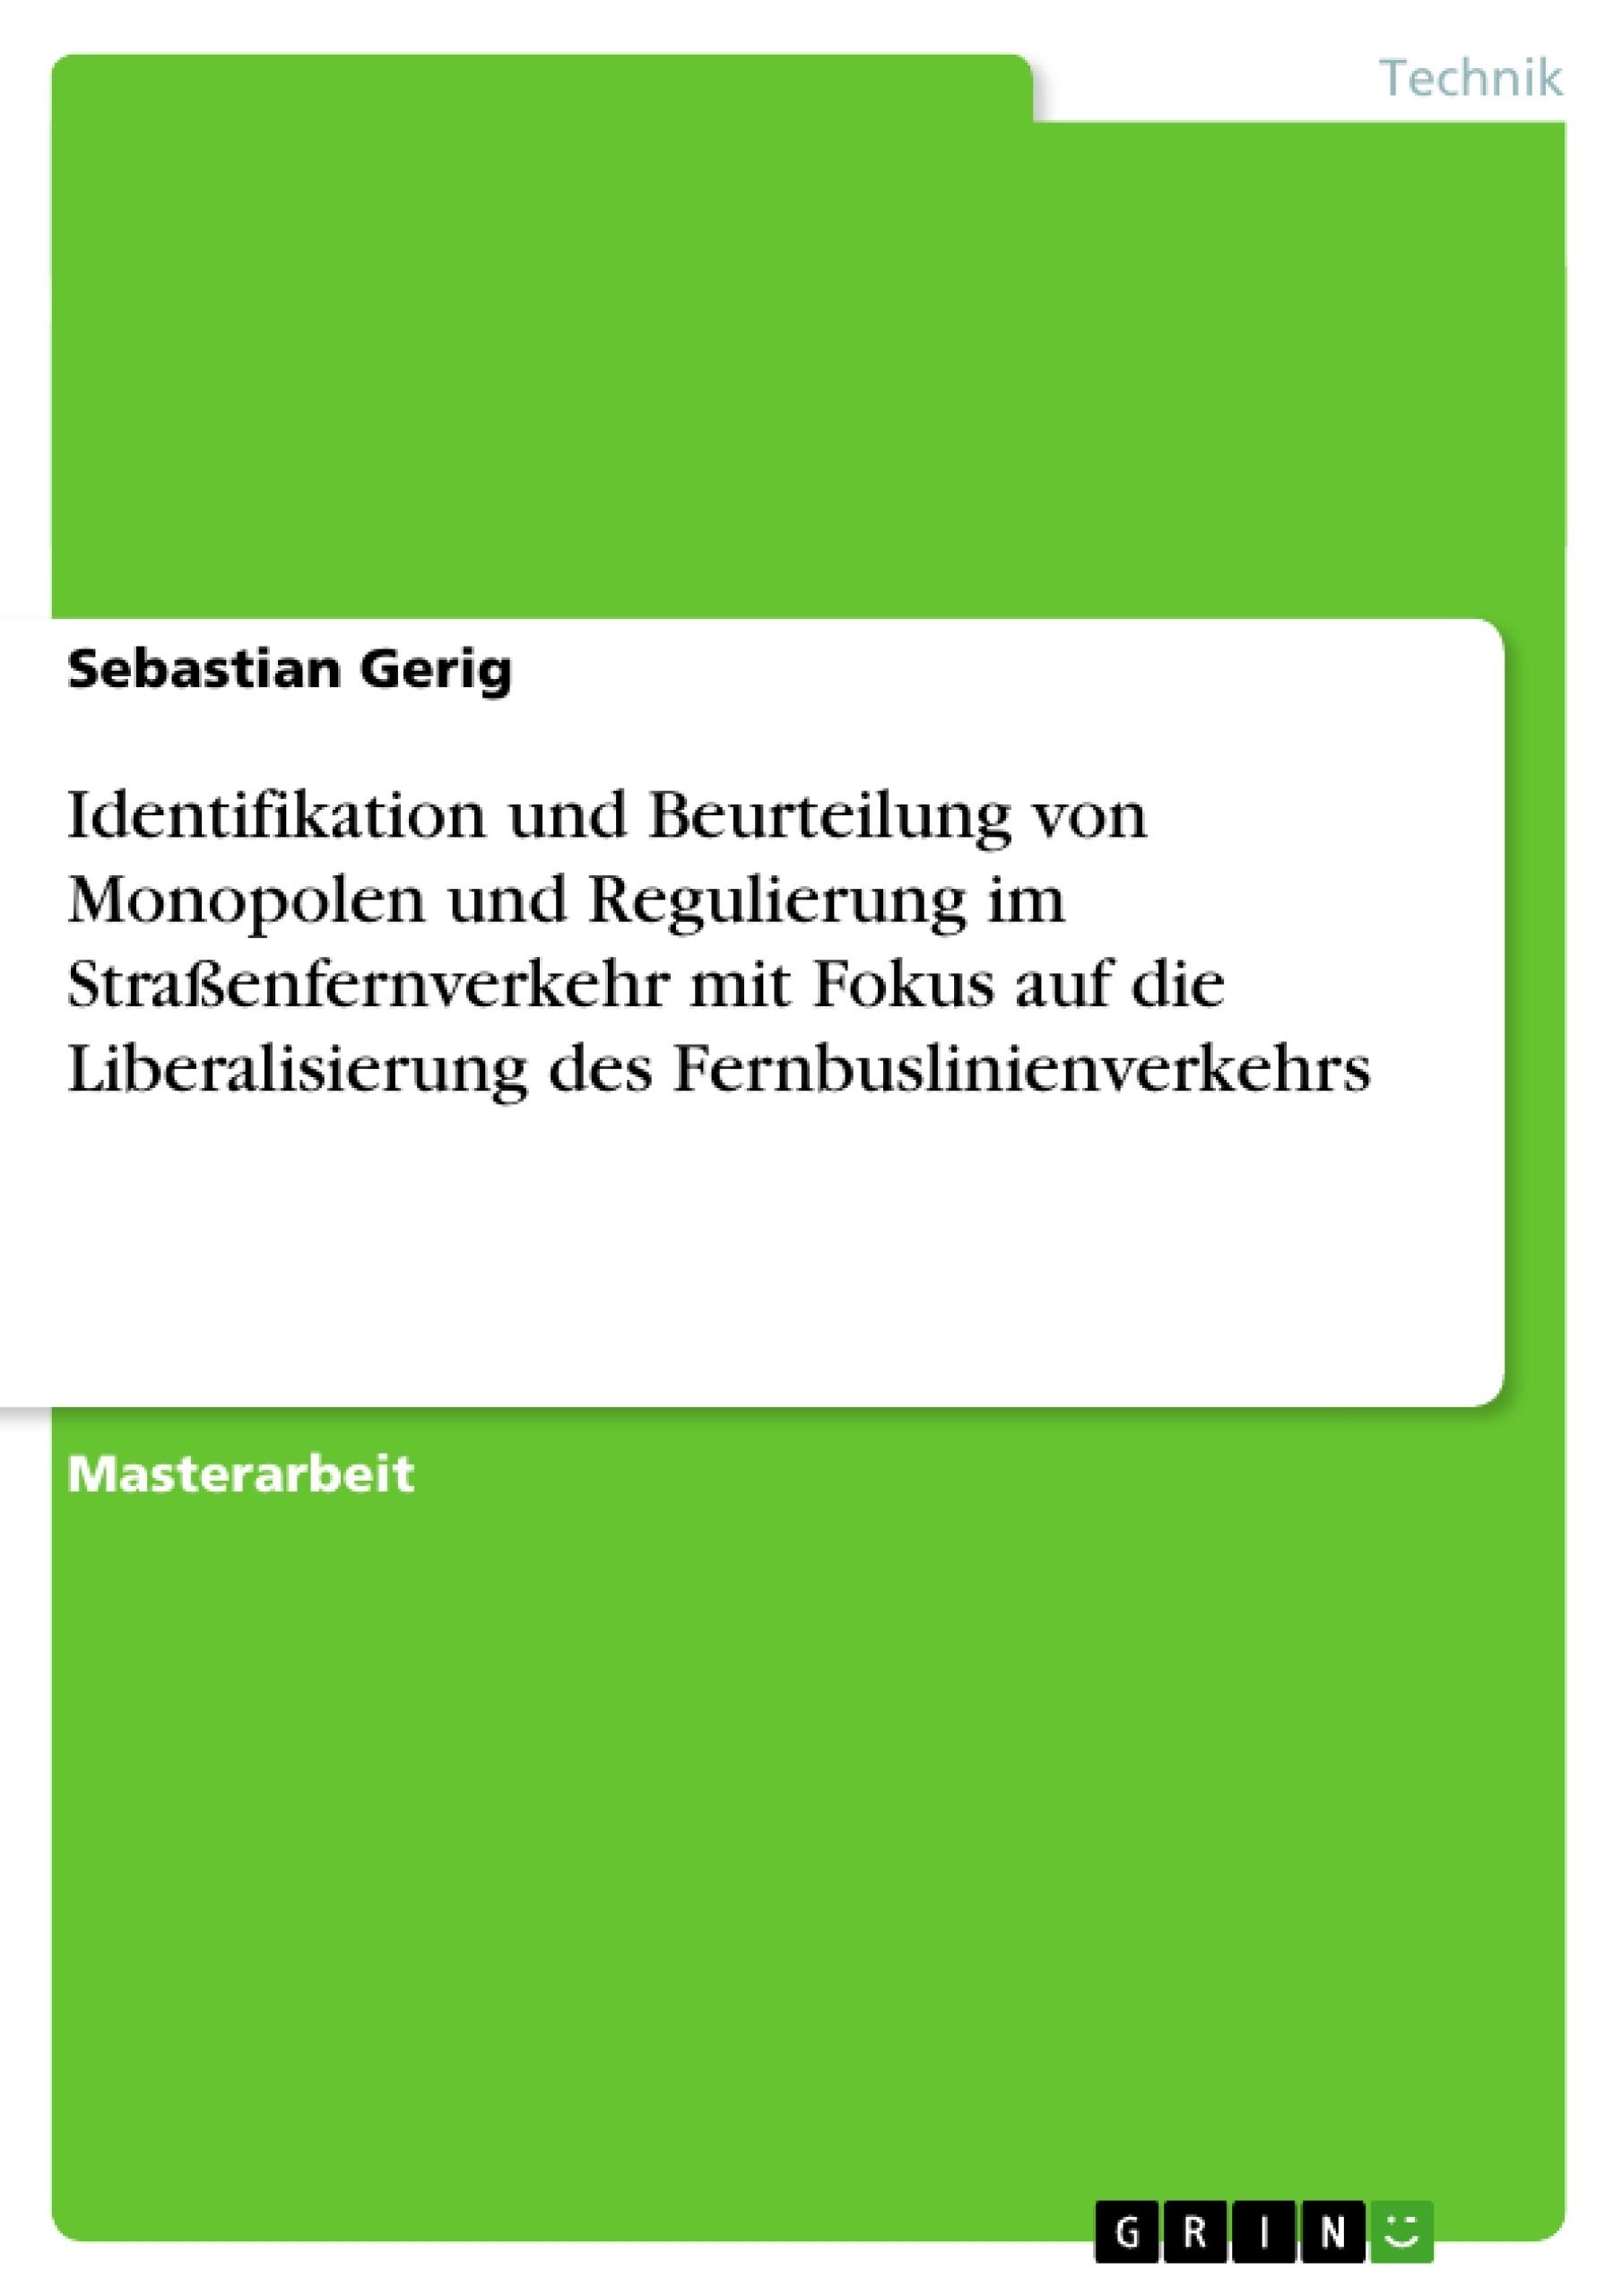 Titel: Identifikation und Beurteilung von Monopolen und Regulierung im Straßenfernverkehr mit Fokus auf die Liberalisierung des Fernbuslinienverkehrs